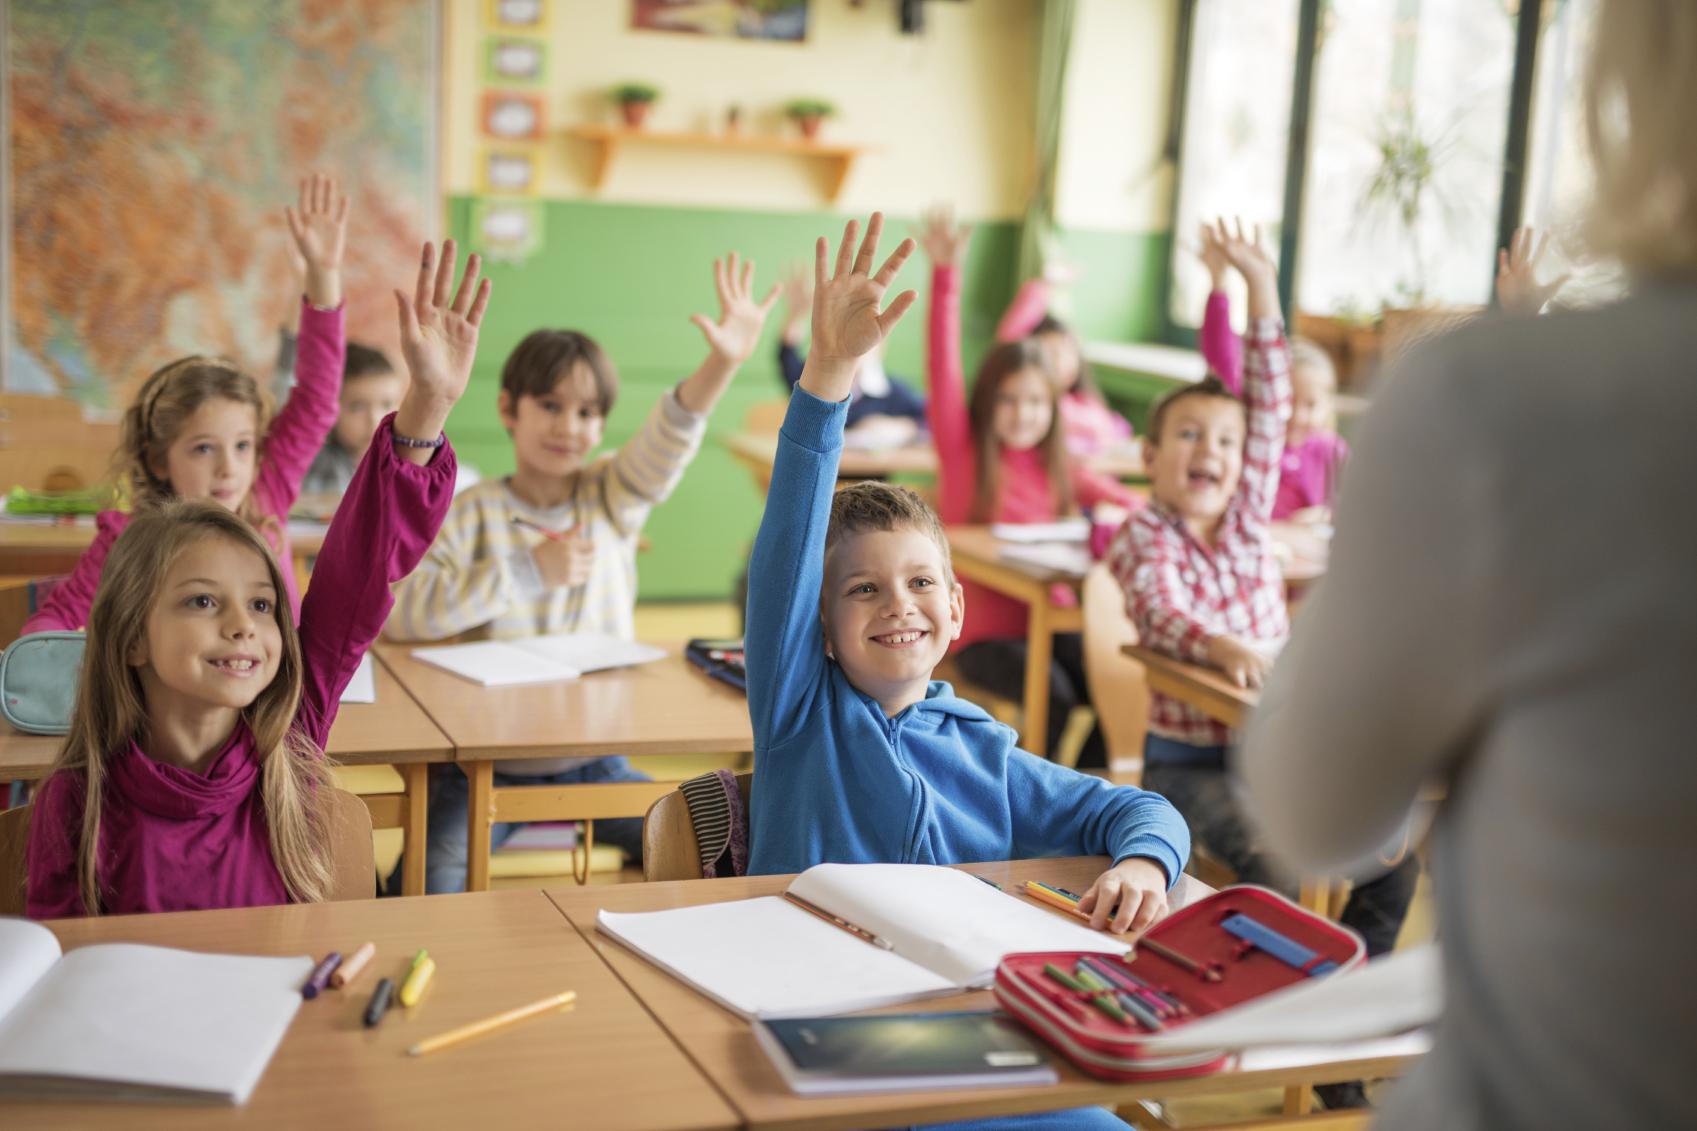 Картинка группа риска в школе посыпаем салат